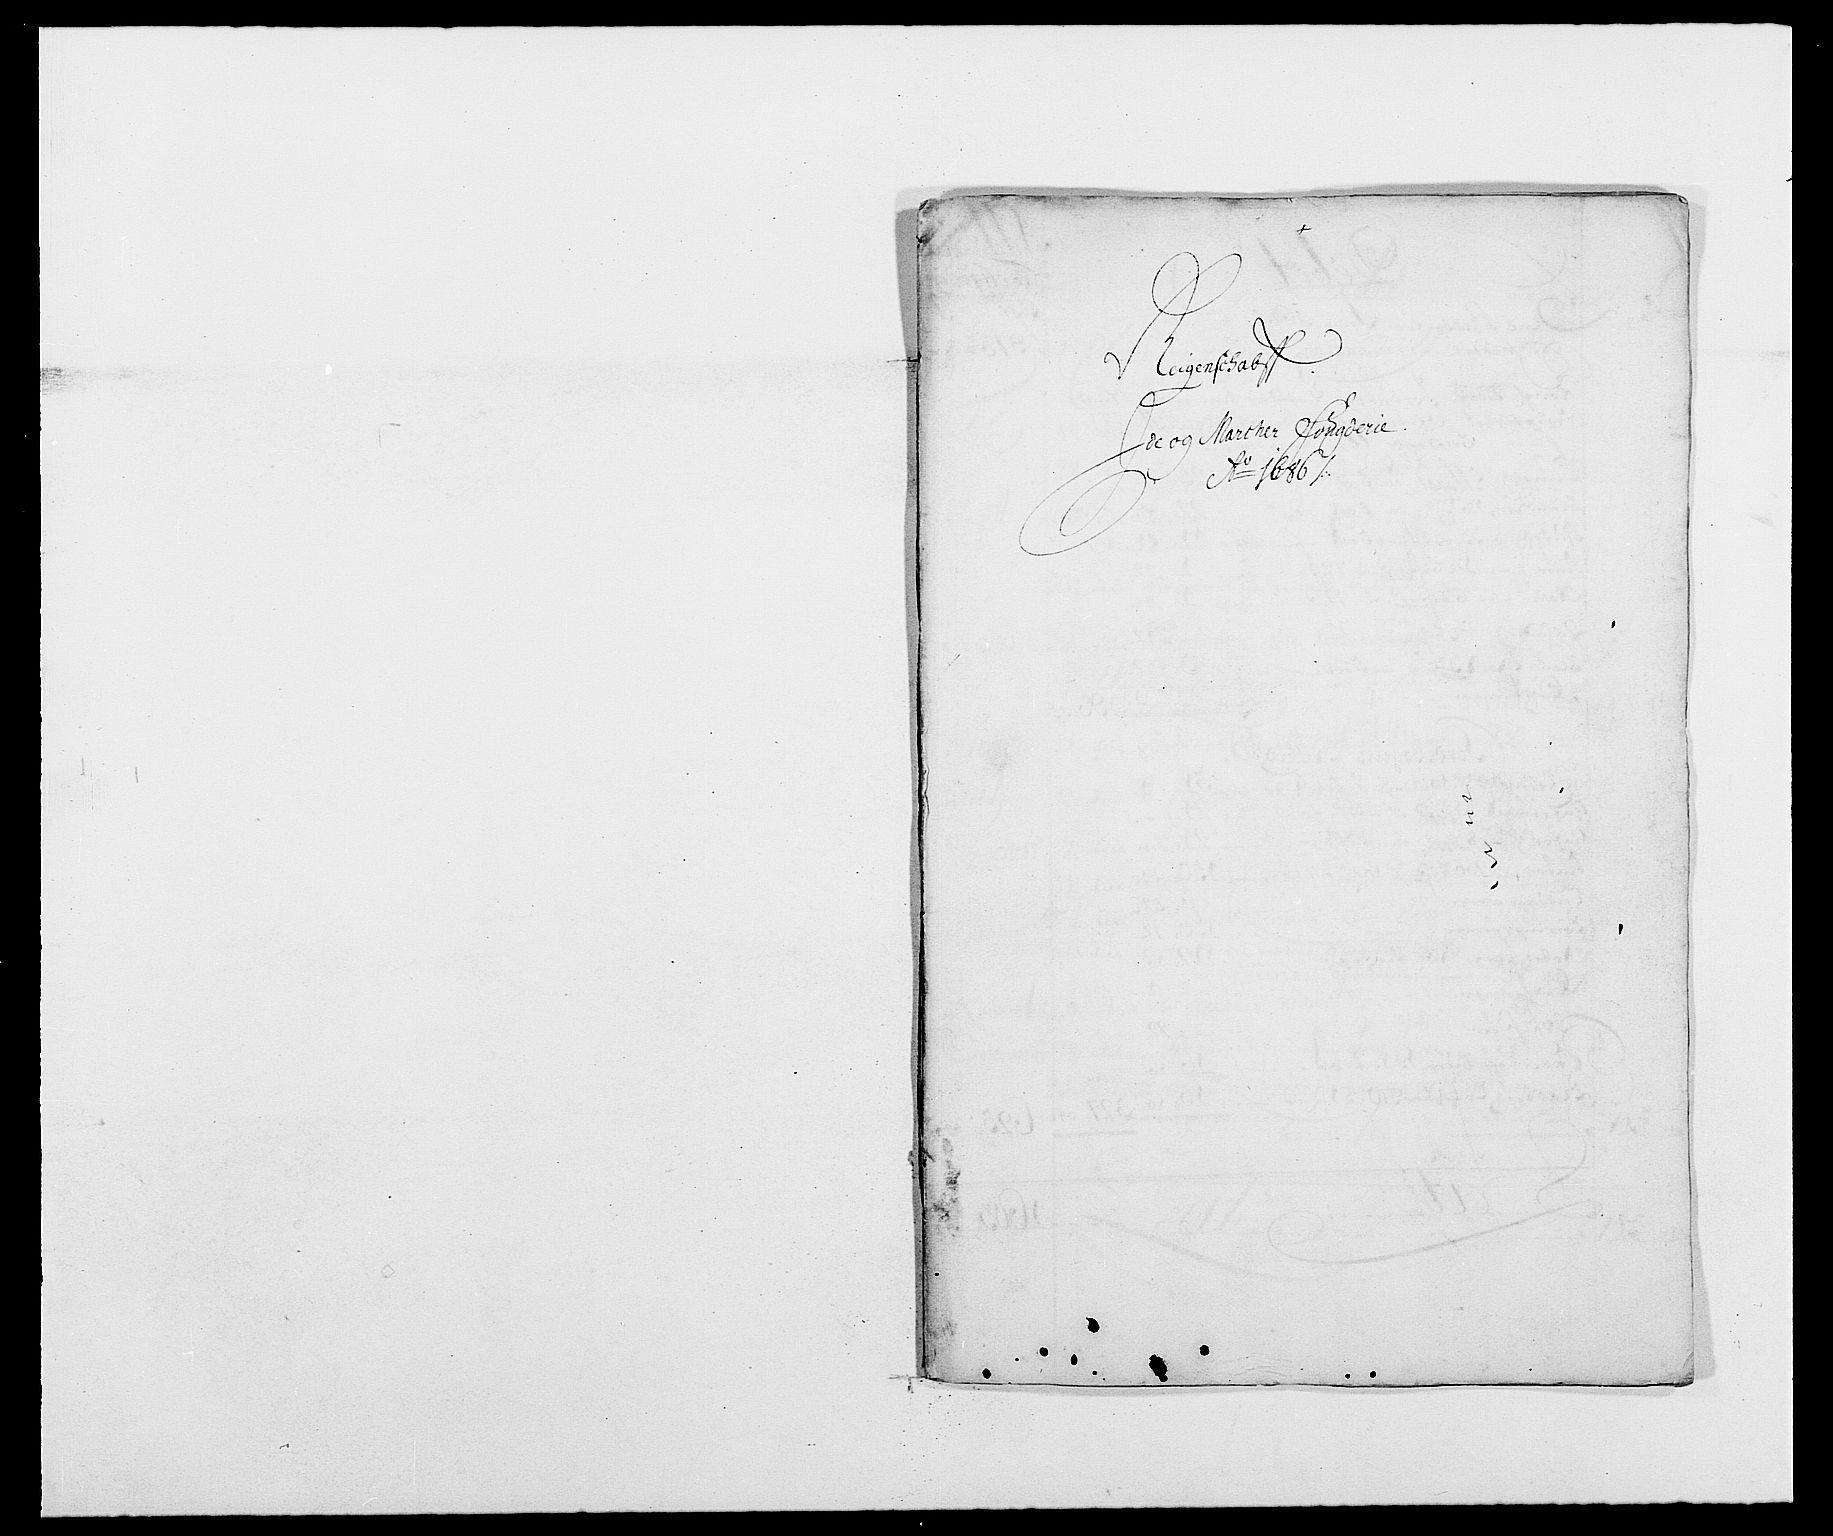 RA, Rentekammeret inntil 1814, Reviderte regnskaper, Fogderegnskap, R01/L0006: Fogderegnskap Idd og Marker, 1685-1686, s. 208